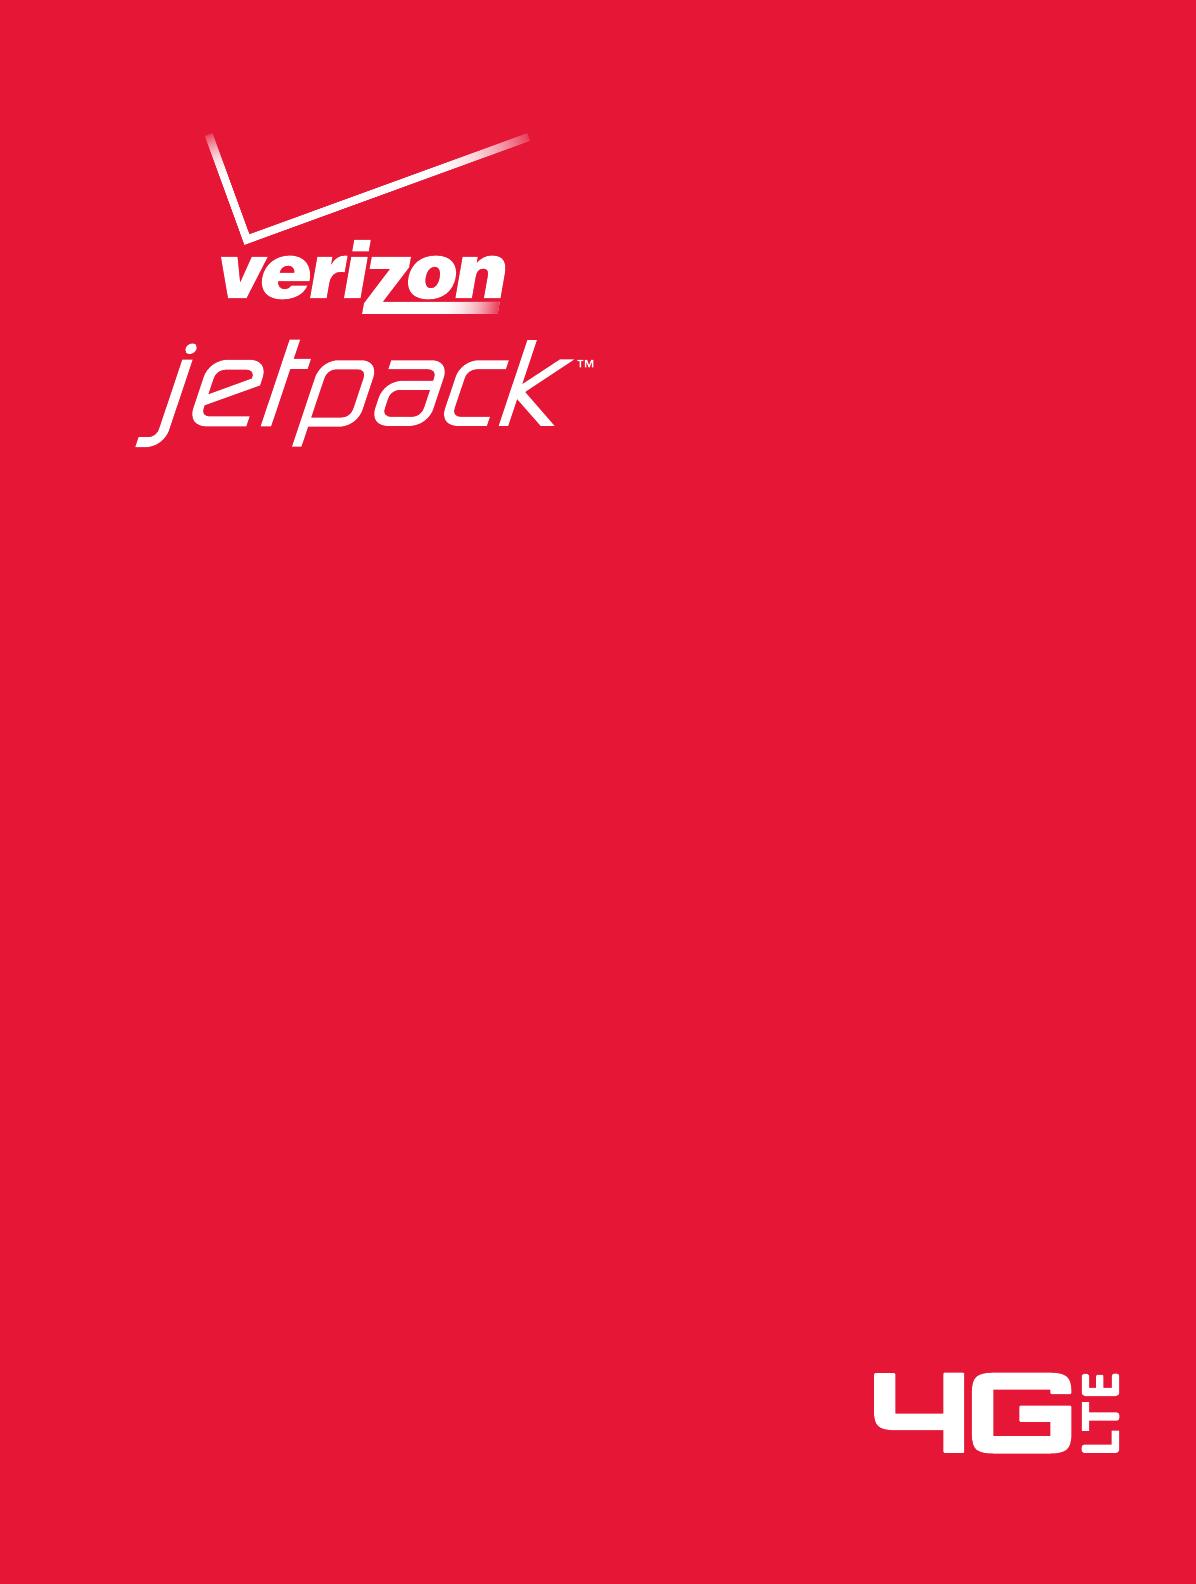 verizon network router mifi 4620l user guide manualsonline com rh office manualsonline com verizon jetpack 4620l manual verizon jetpack 4620l manual